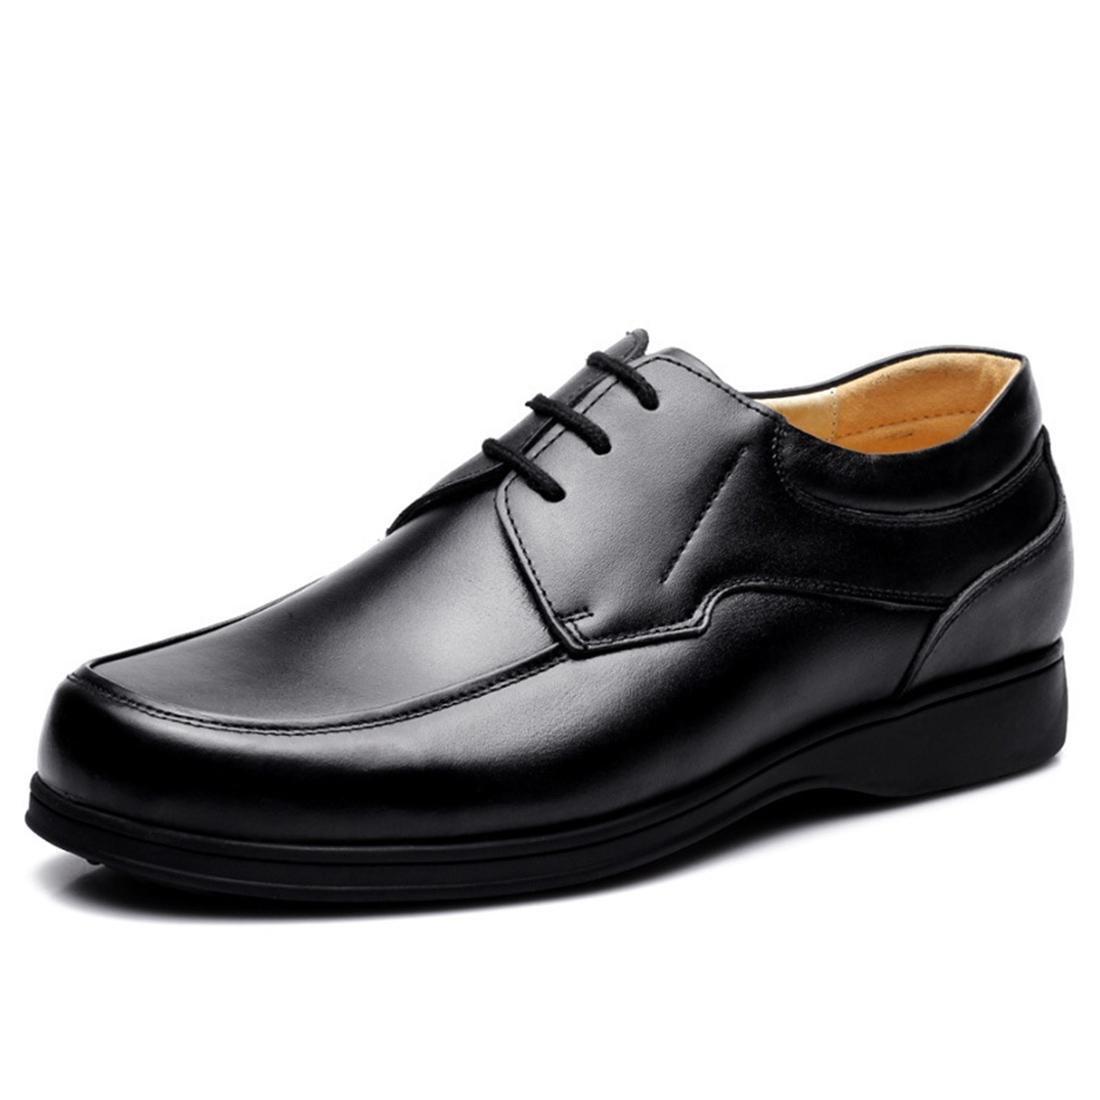 Herren Geschäft Freizeit Lederschuhe Flache Schuhe Formelle Kleidung Stiefel Werkzeug Schuhe Licht Gemütlich Große Größe EUR GRÖSSE 38-46